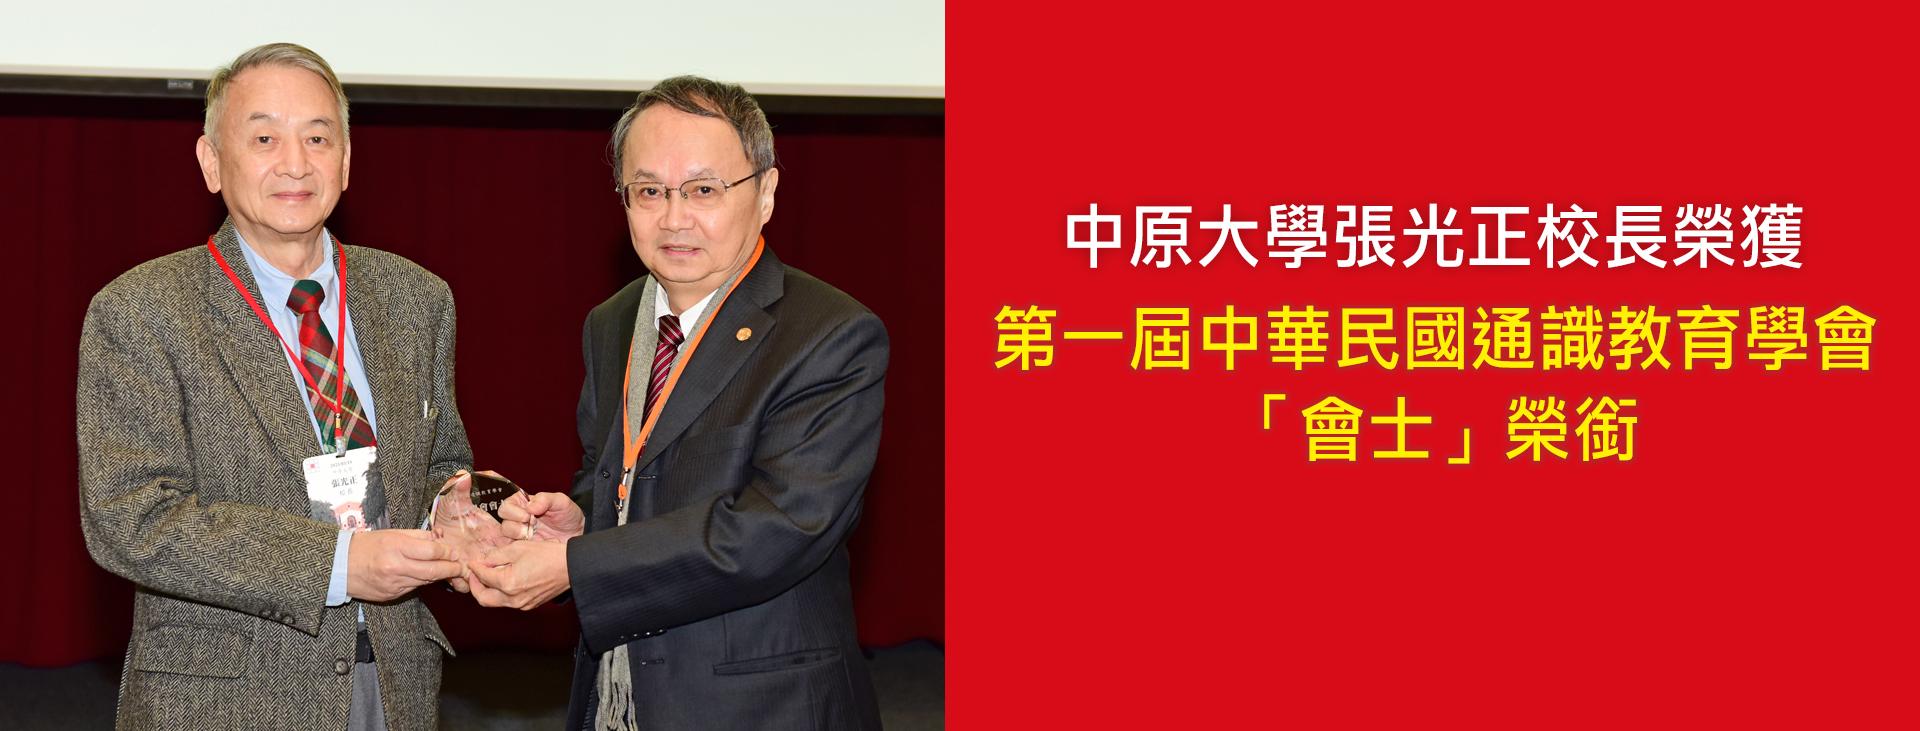 中原大學張光正校長榮獲第一屆中華民國通識教育學會「會士」榮銜